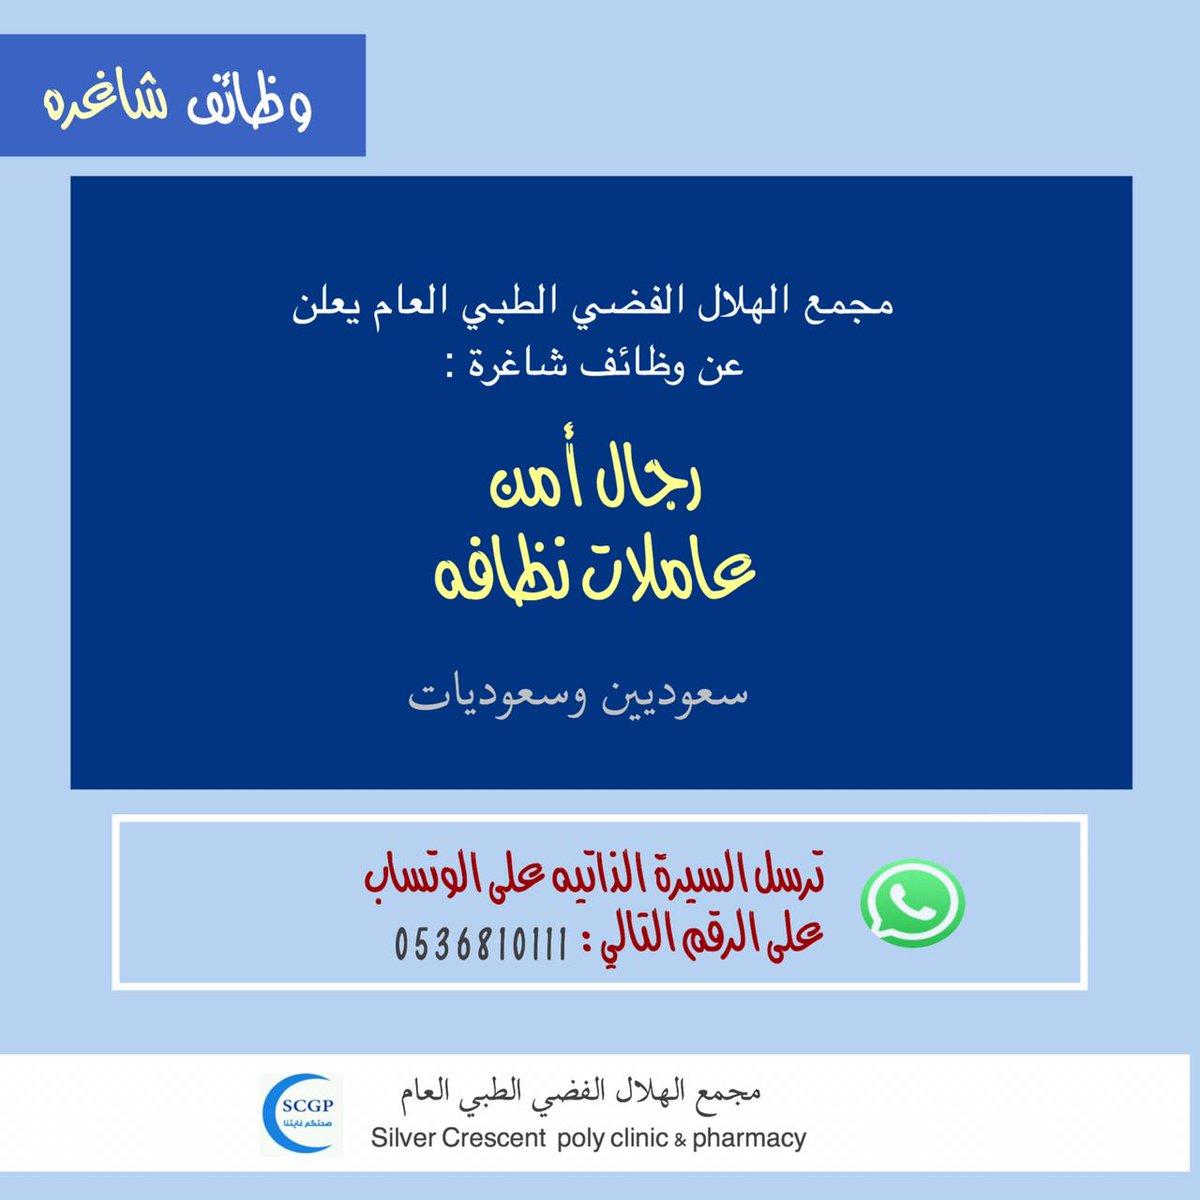 وظائف للسعوديين من الجنسين بمجمع الهلال الفضي الطبي العام بالخبررجال من عاملات نظافة#وظائف_نسائية #وظائف_شاغرة #وظائف_الرياض #وظائف #صباح_الاحدَ